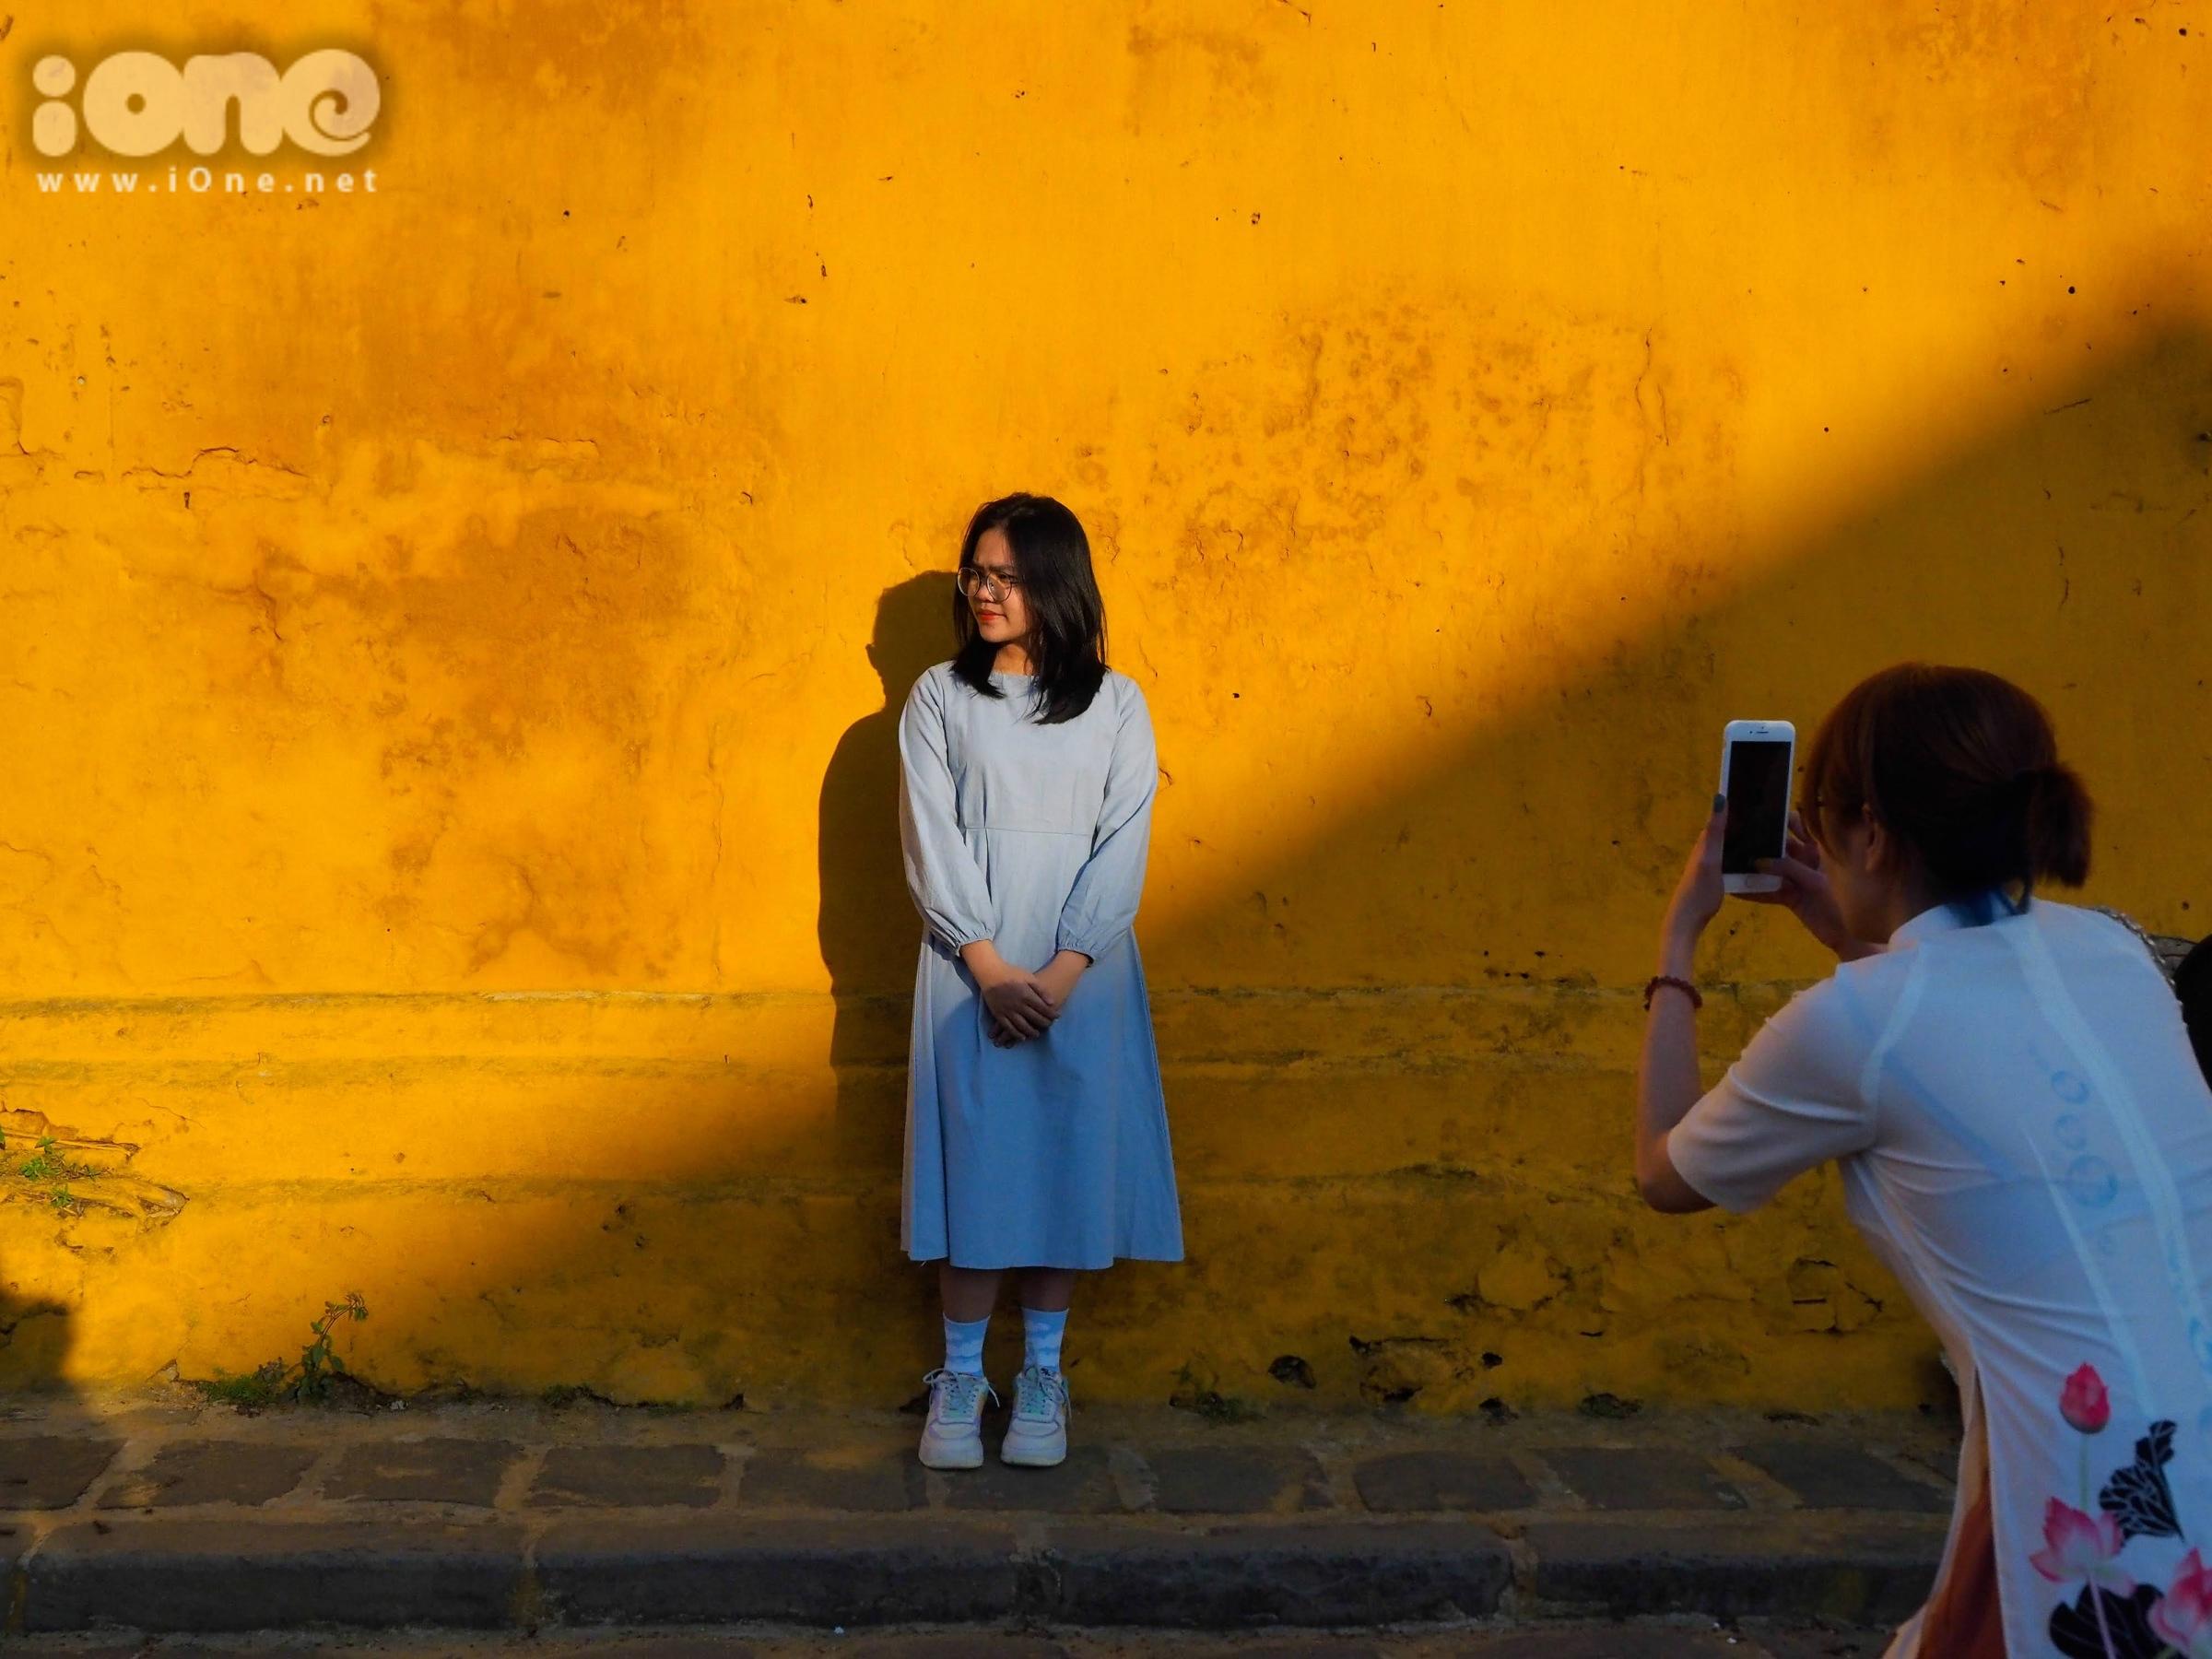 Màu vàng của nắng, đổ bóng trên những bức tường cổ được sơn màu vàng, tạo nên những hậu cảnh chụp ảnh nghệ thuật, đẹp mắt. Nhiều bạn gái trẻ, được nhìn thấy trẻ trung trong những bộ trang phục dạo phố thời trang như váy đầm, áo dài hoa, sườn xám...